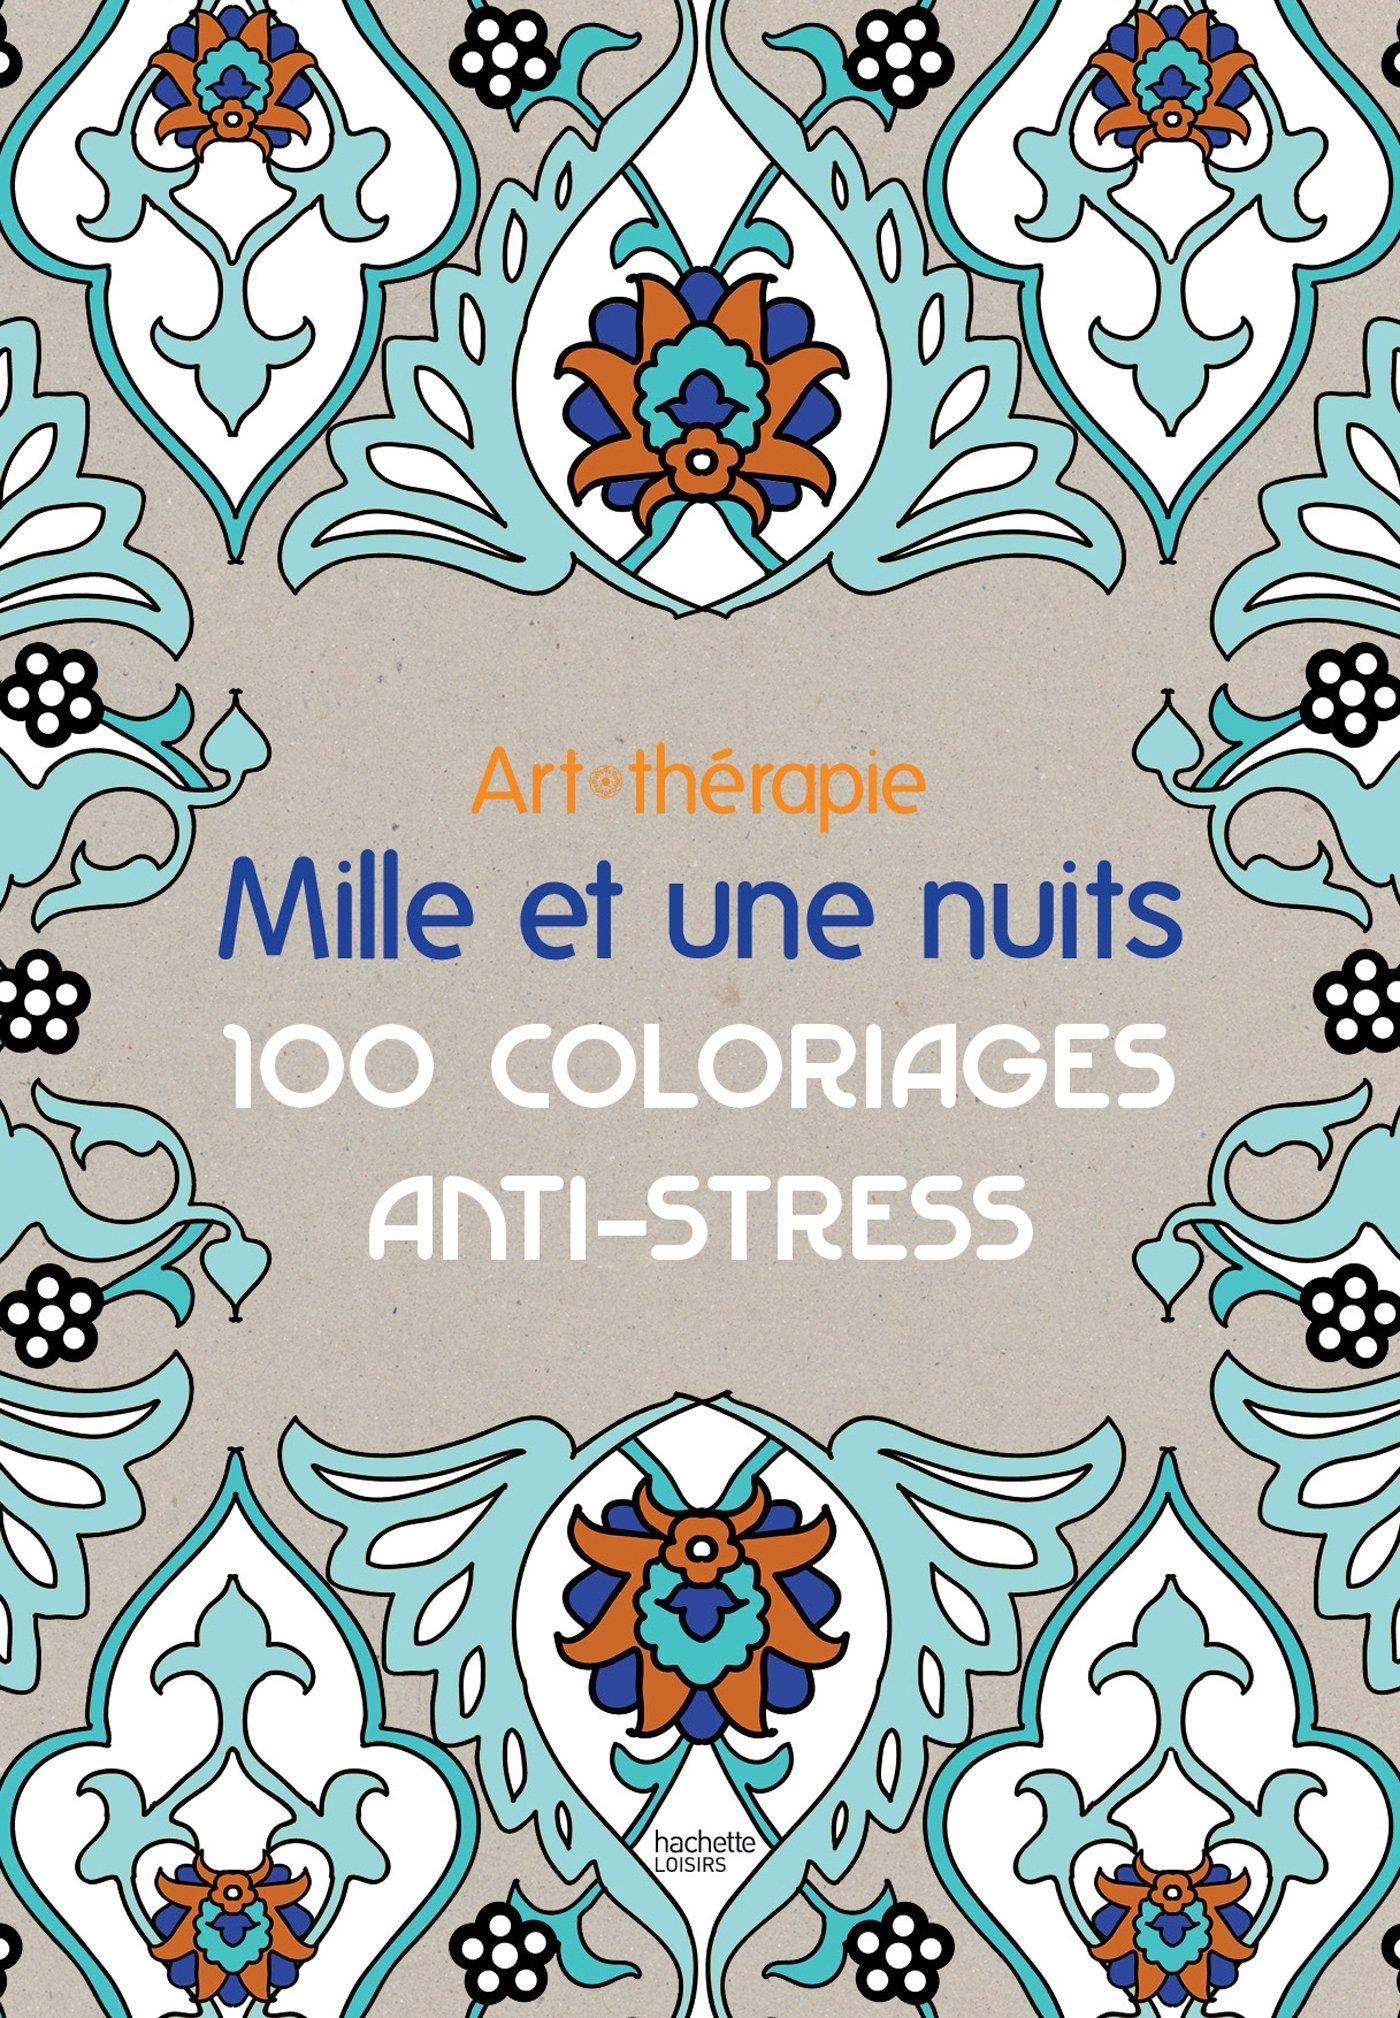 Art thérapie Mille et une nuits 100 coloriages anti stress Amazon Sophie Leblanc Livres